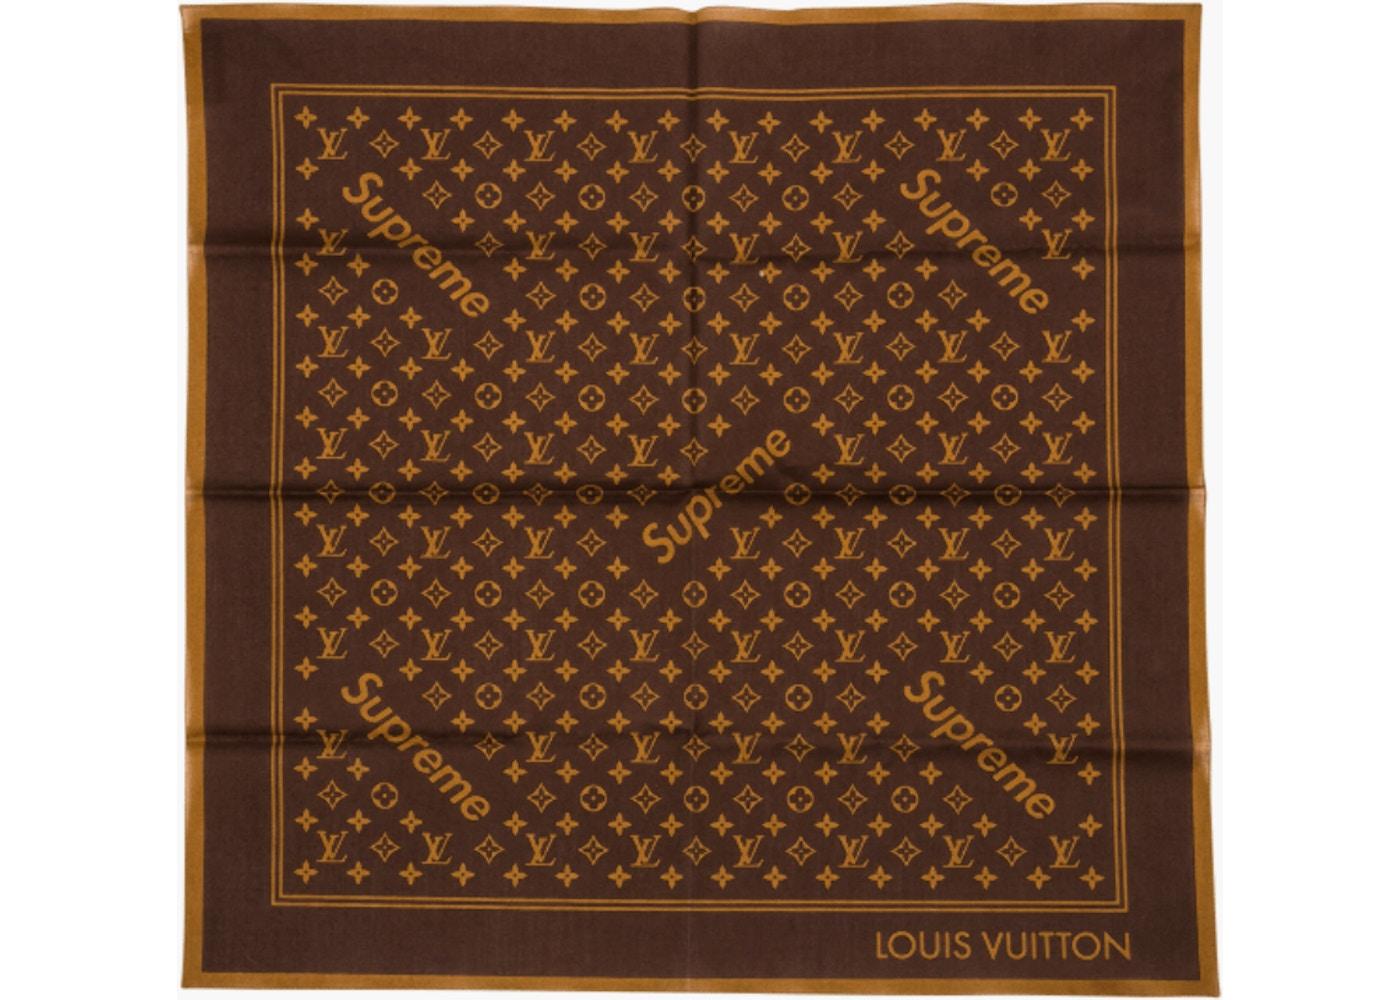 b1e6b36ee839 Supreme x Louis Vuitton Monogram Bandana Brown - SS17